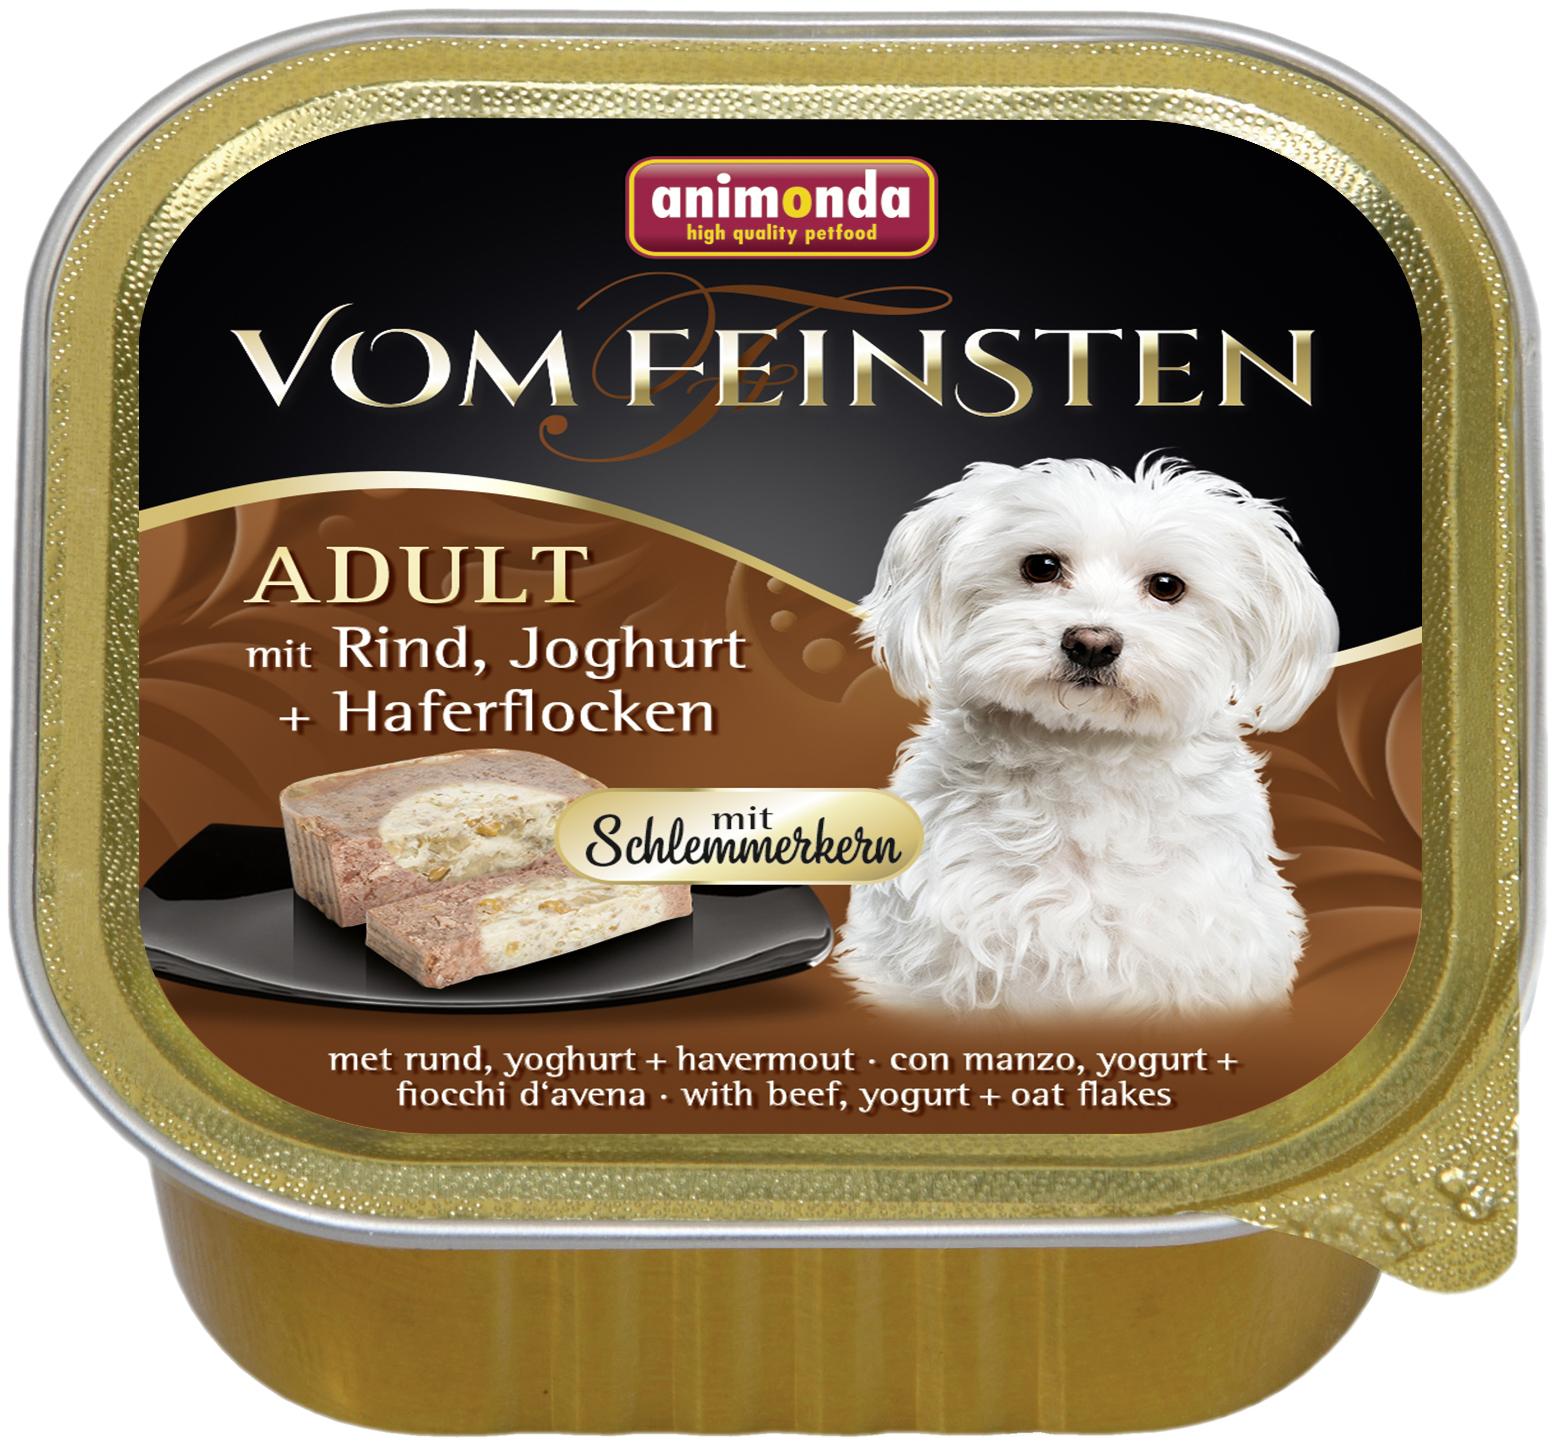 Консервы для собак Animonda Vom Feinsten Adult, говядина, йогурт, овсянка, 22шт, 150г фото